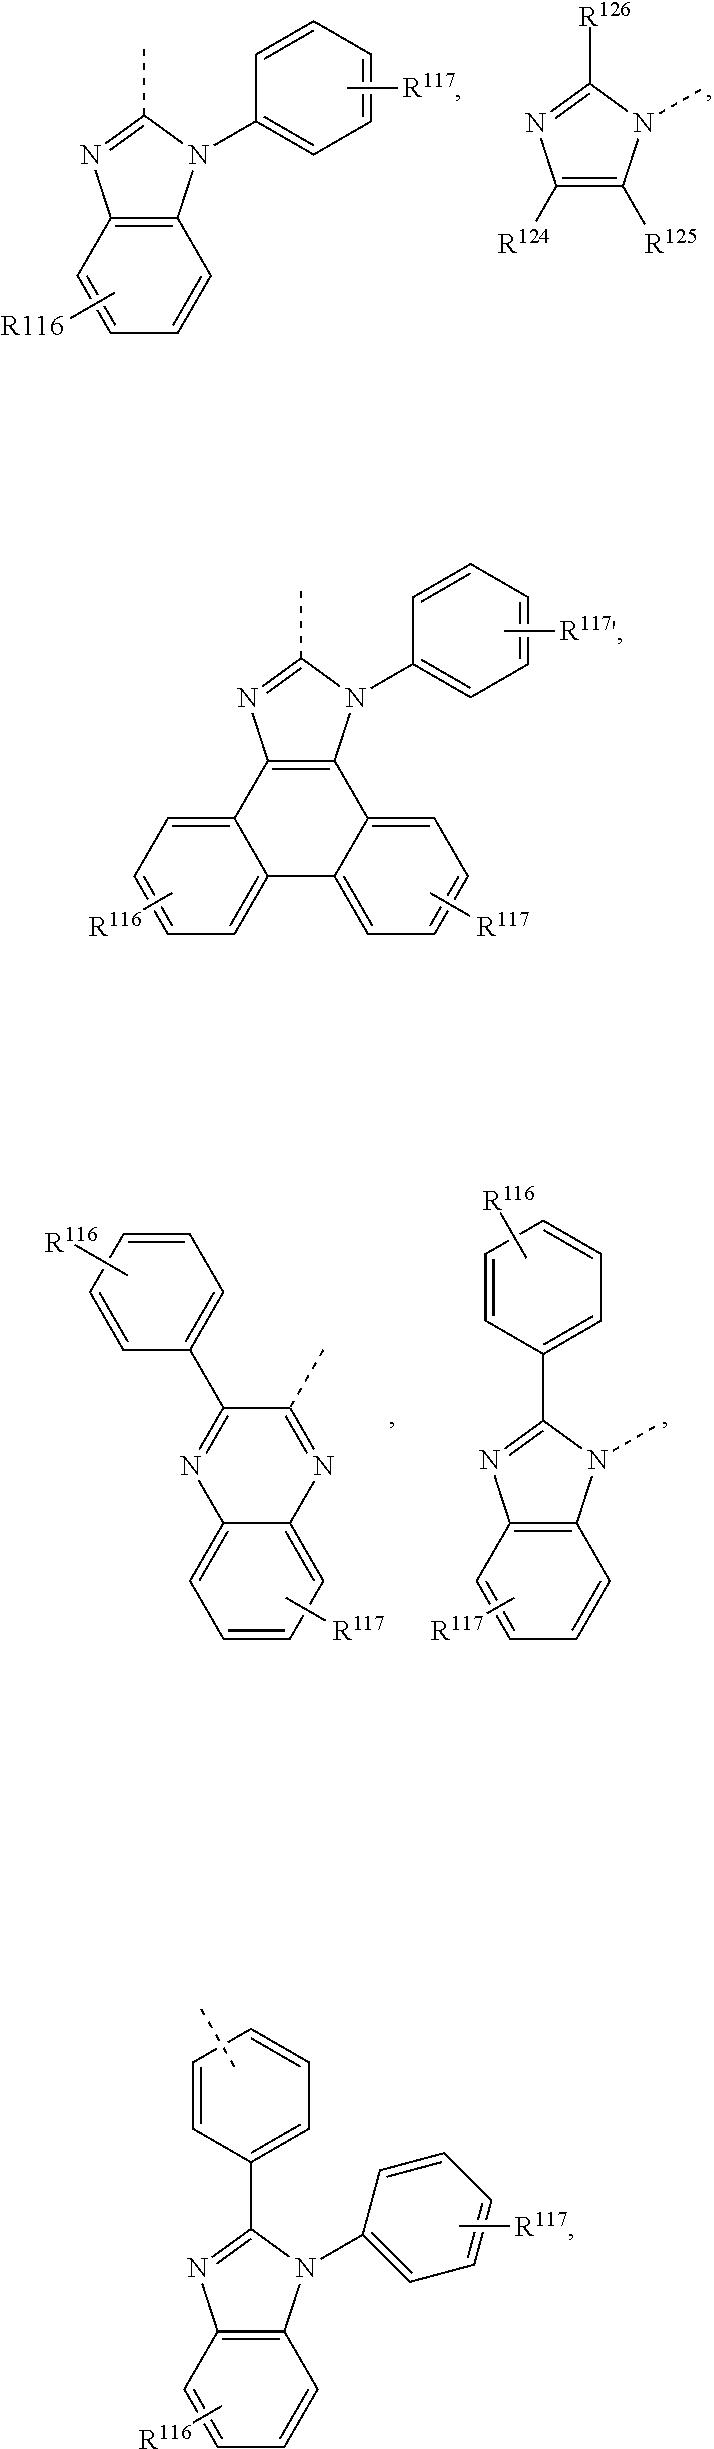 Figure US09079872-20150714-C00105